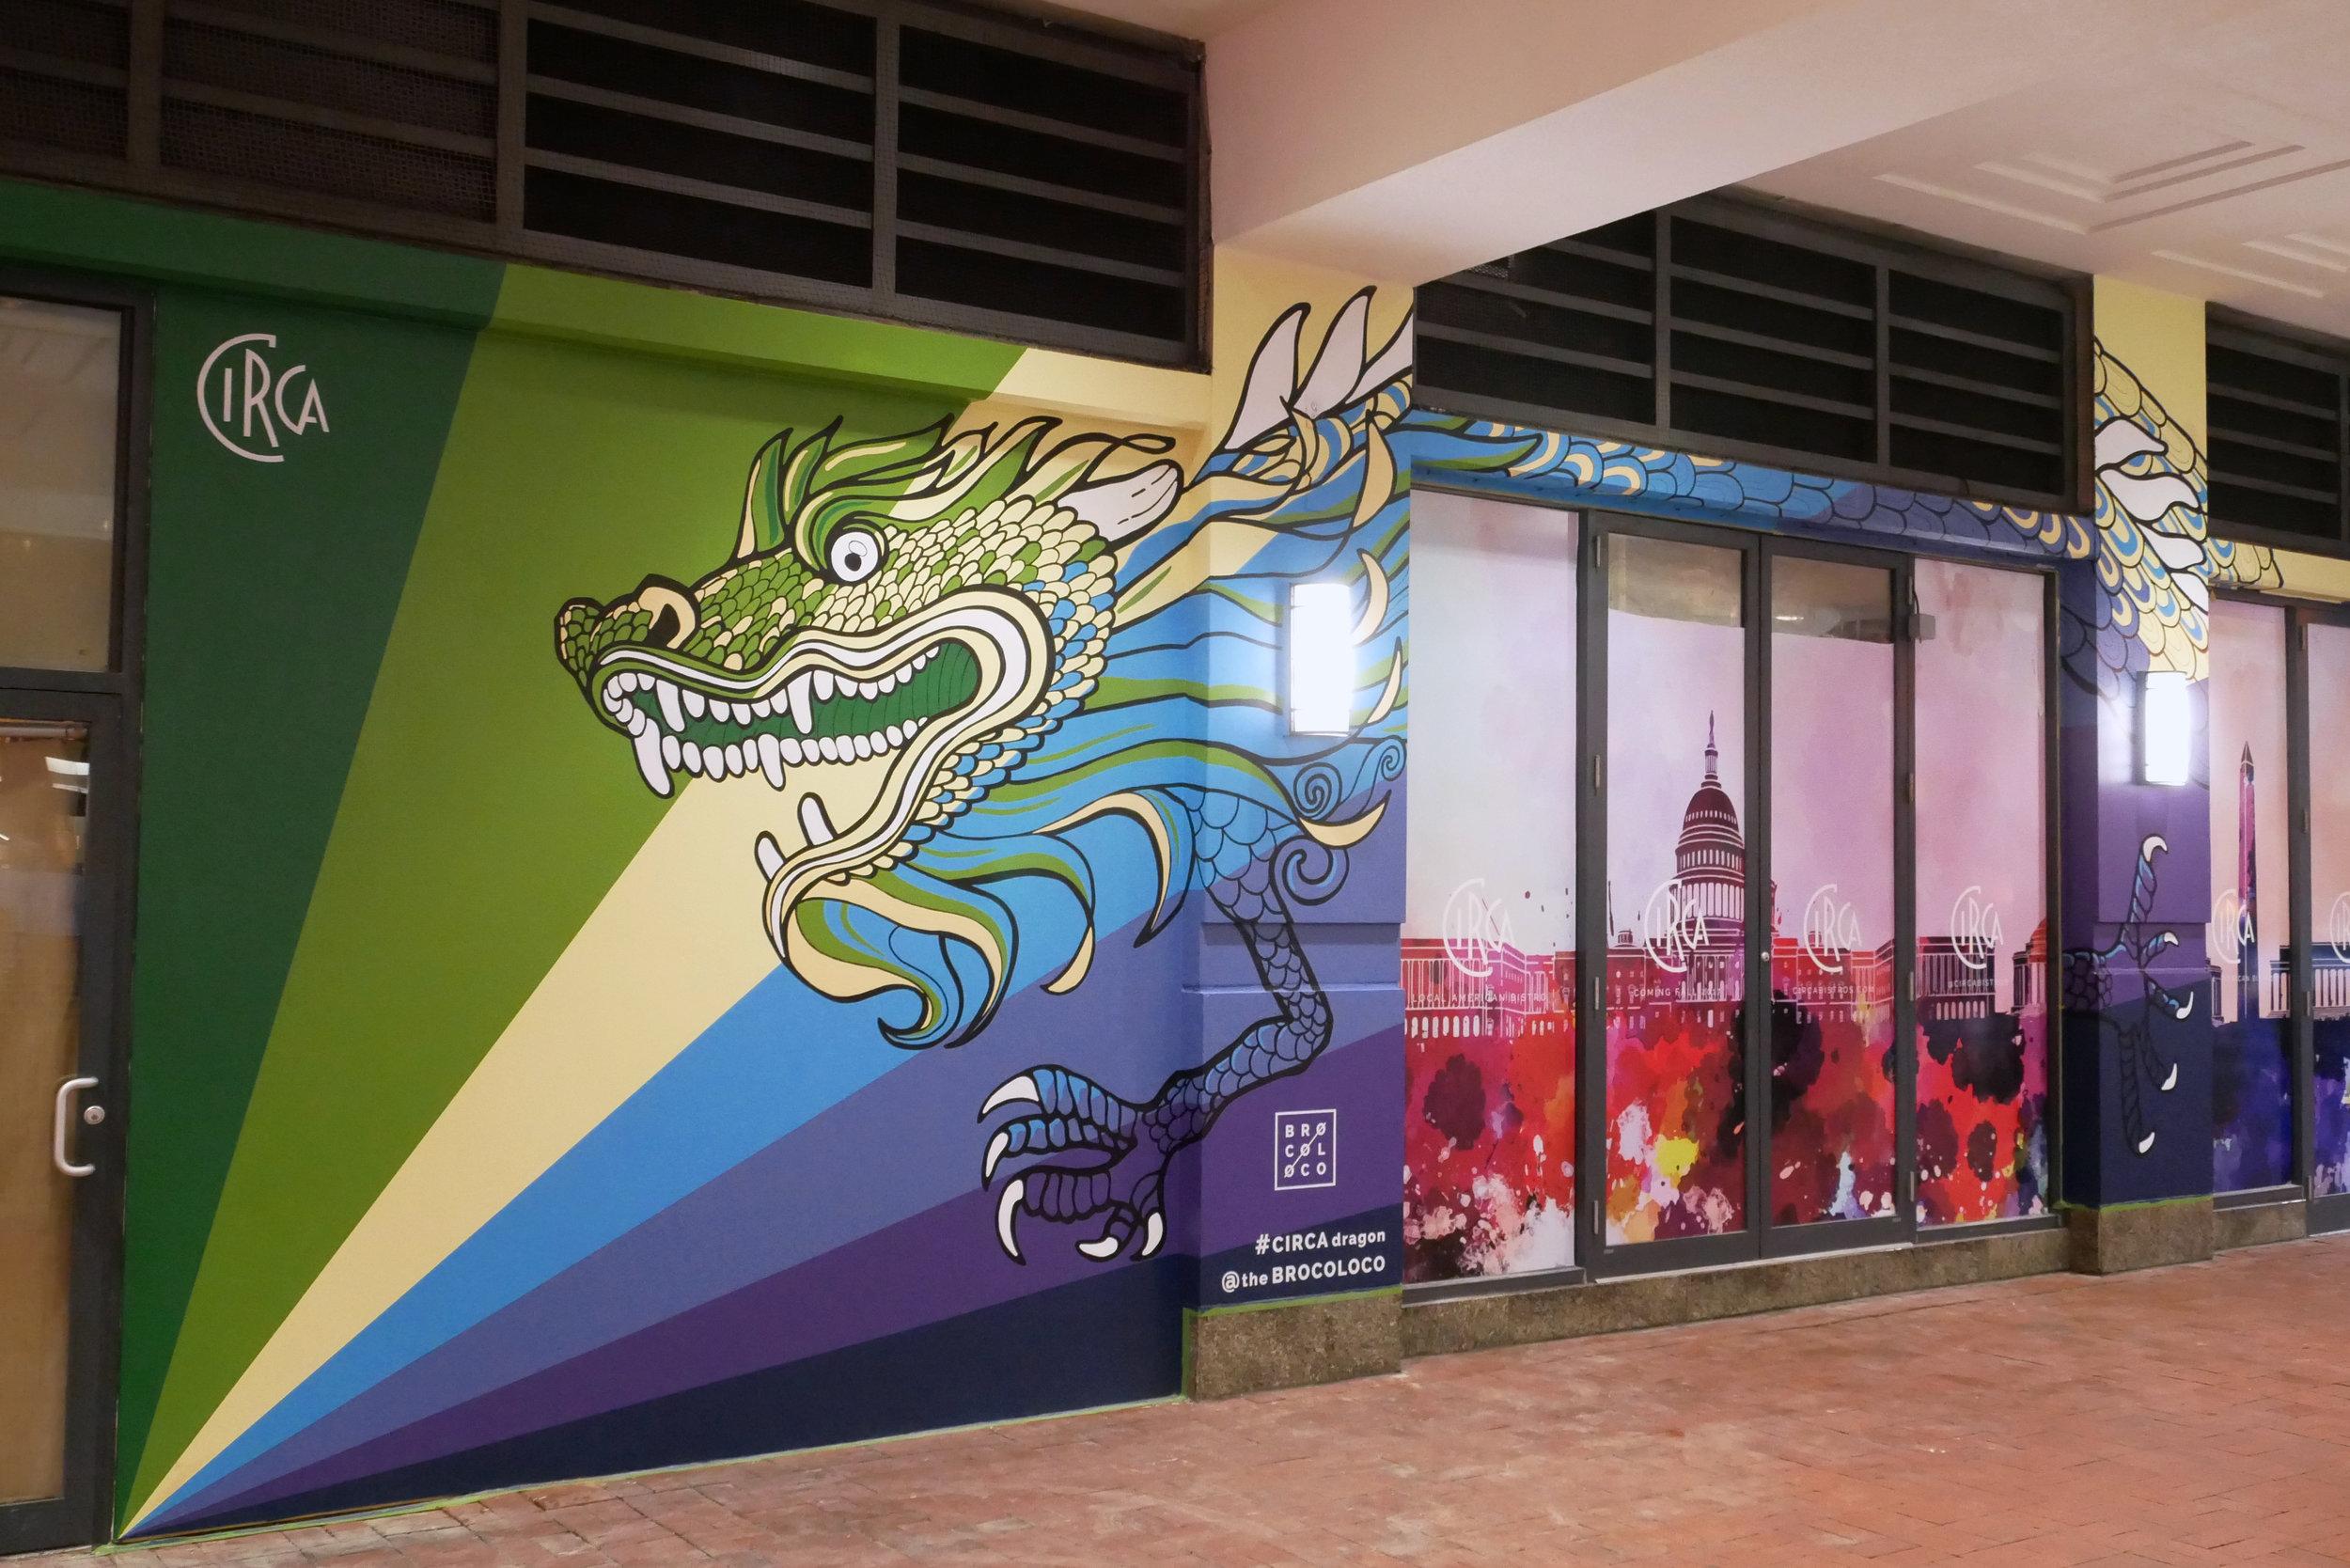 CIRCA Dragon